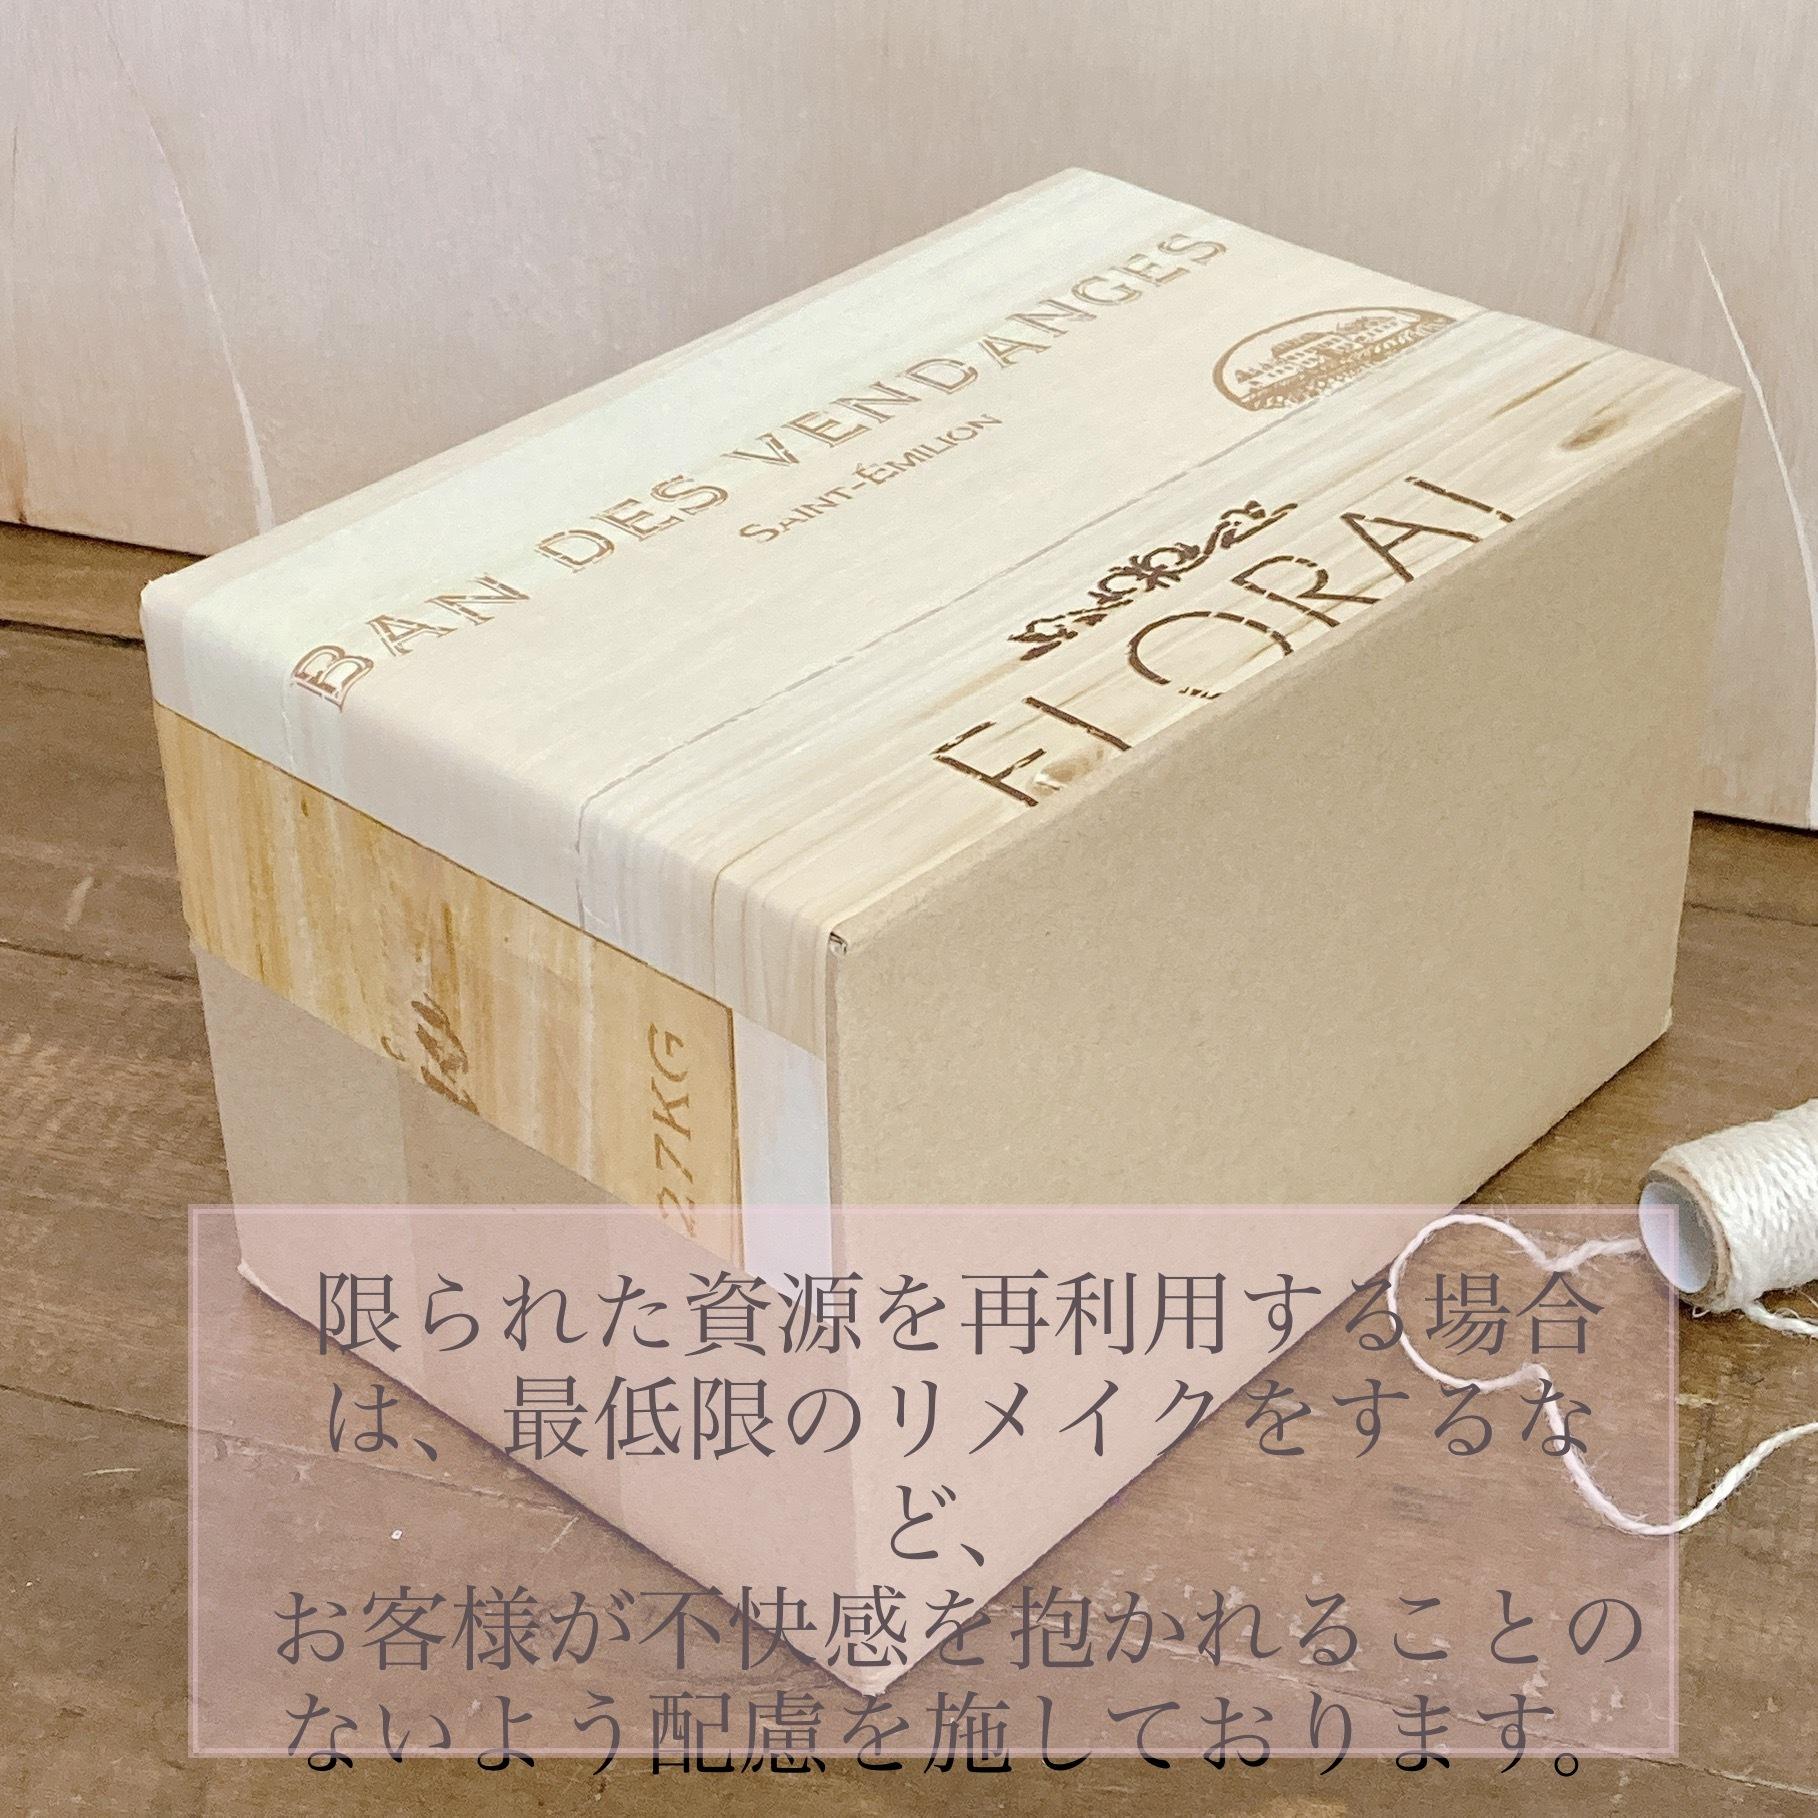 aroma nagiの精油について。そして使い方について。参考になさってください。※商品ではございません。